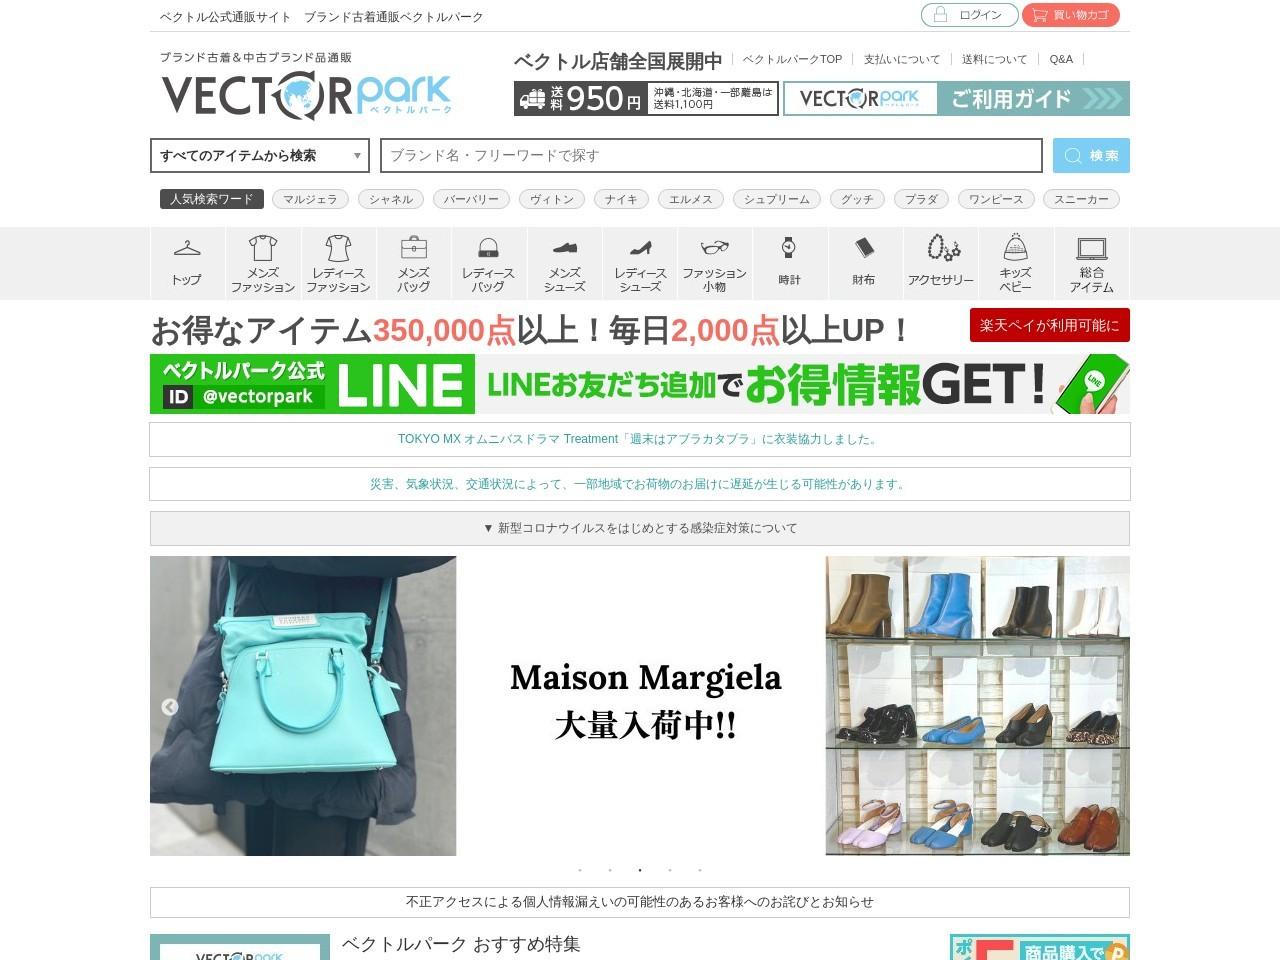 http://vector-park.jp/list/?kw=%A5%EF%A5%A4%A5%B9%A5%EA%A1%BC+Y-3